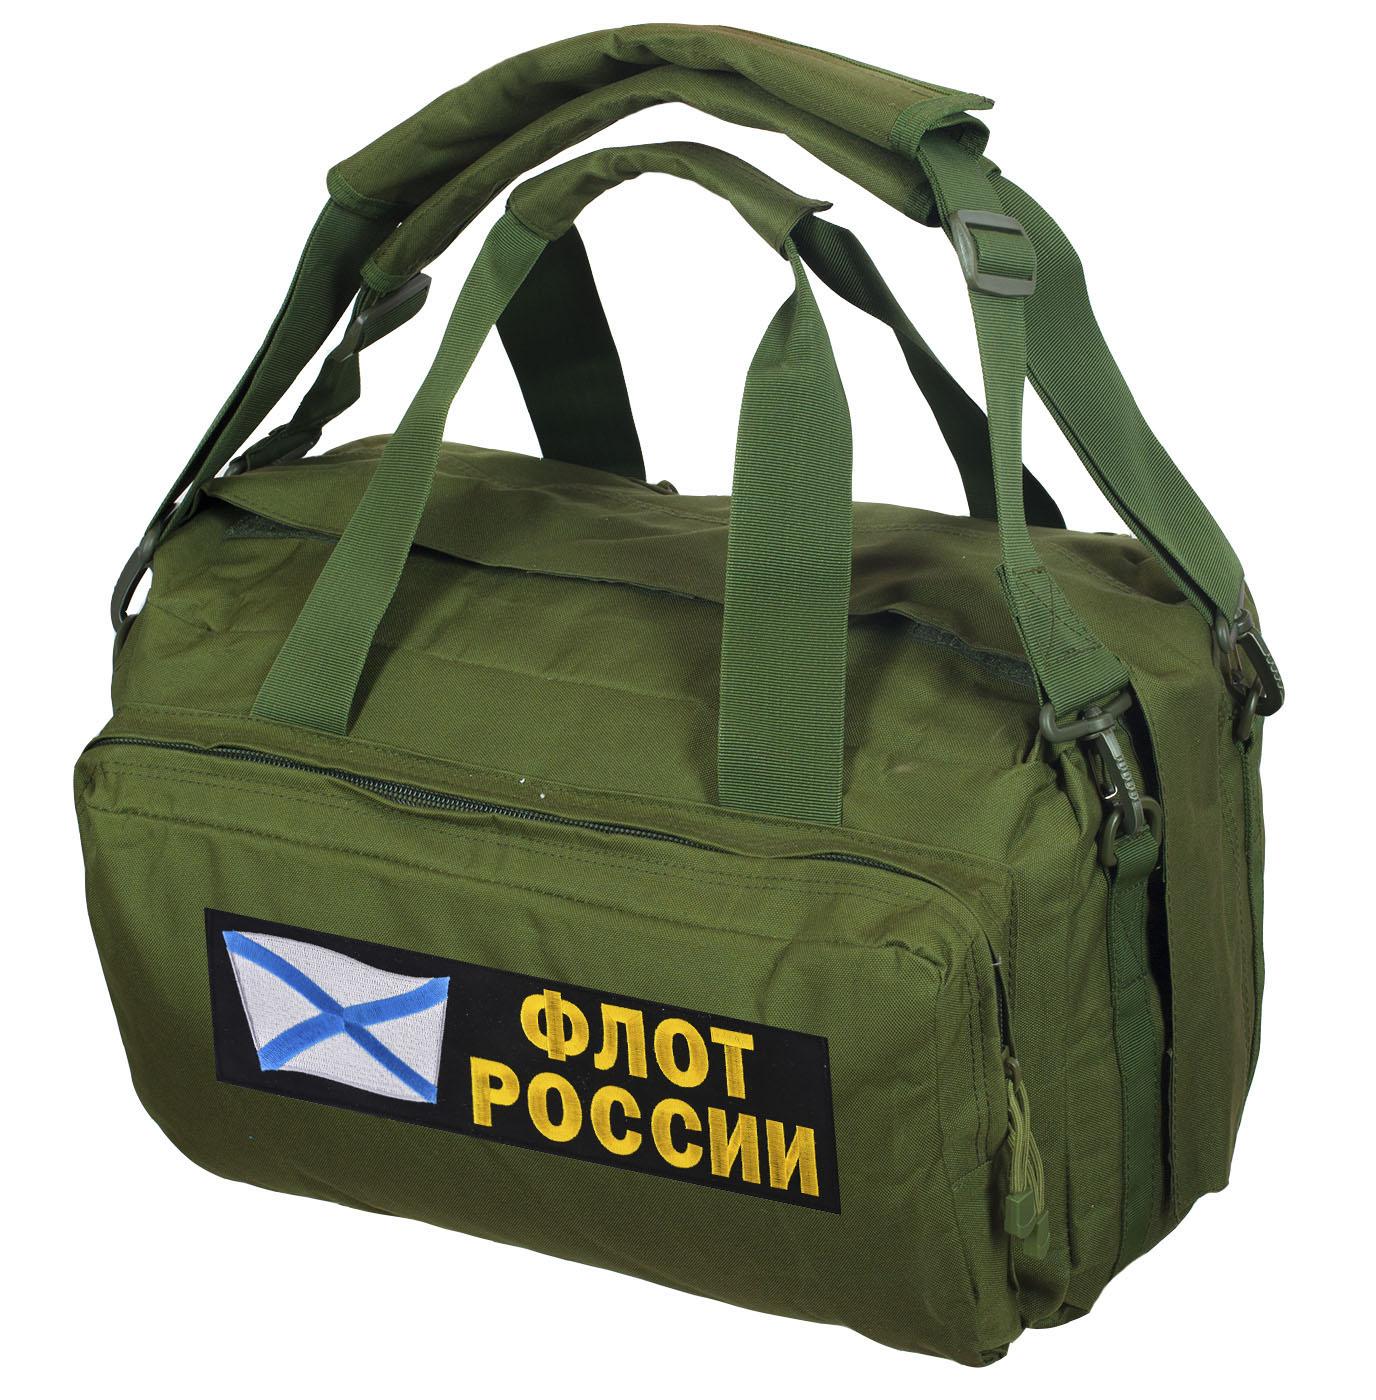 Походная тактическая сумка Флот России